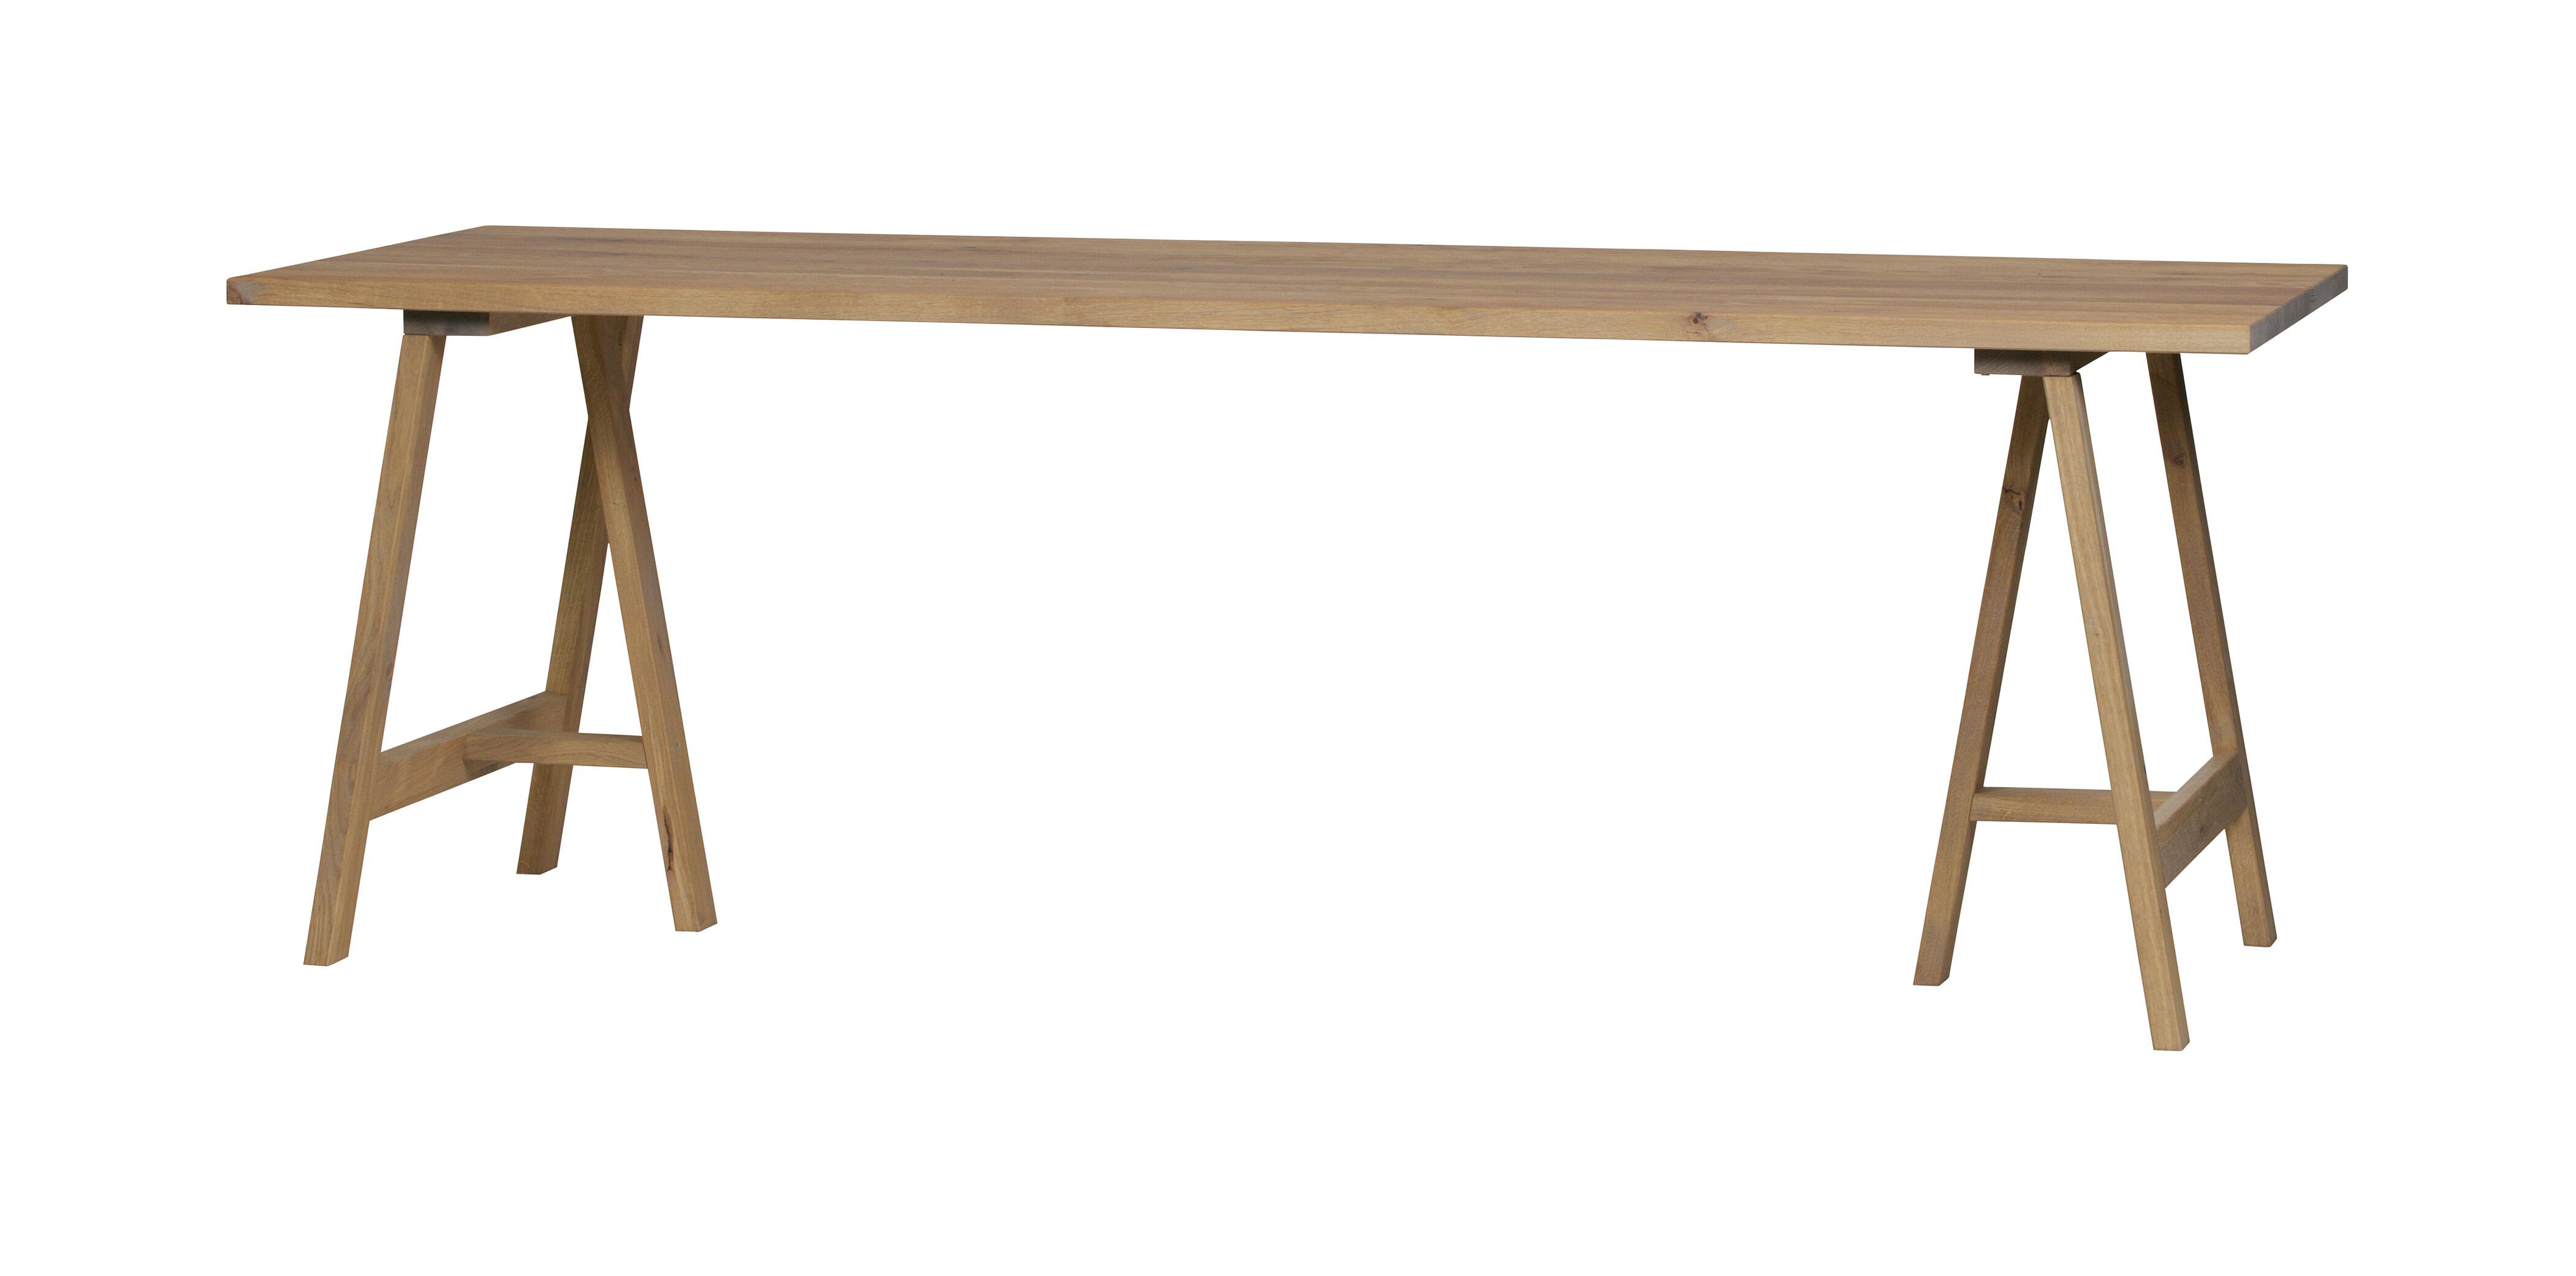 vtwonen Eettafel 'Panel' 190 x 80cm met voordeel snel in huis via Meubel Partner